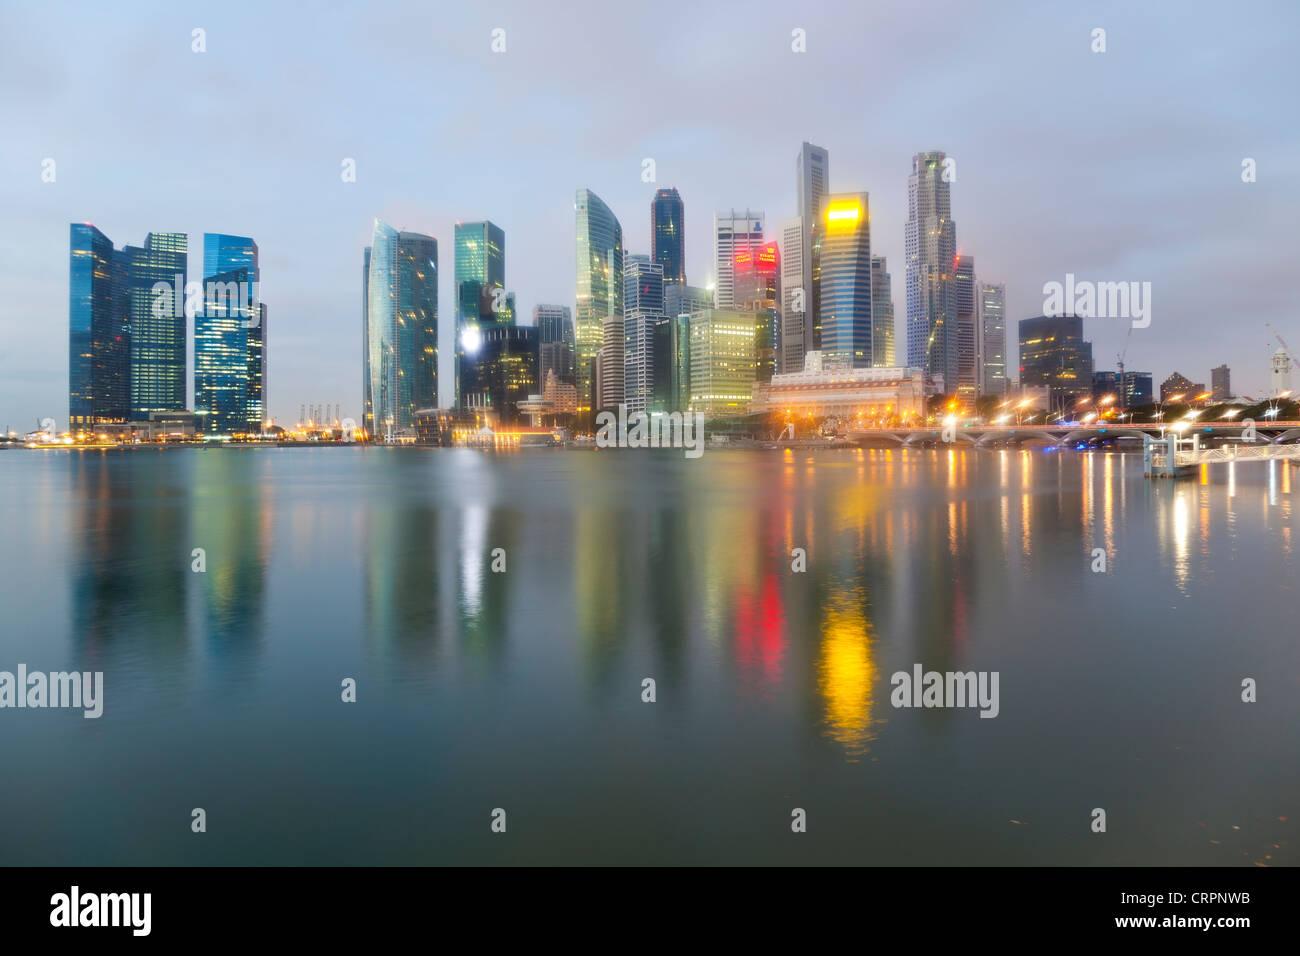 L'Asie du Sud Est, Singapour, Ville, Vue sur Marina Bay au quartier financier et d'affaires de Singapour Banque D'Images